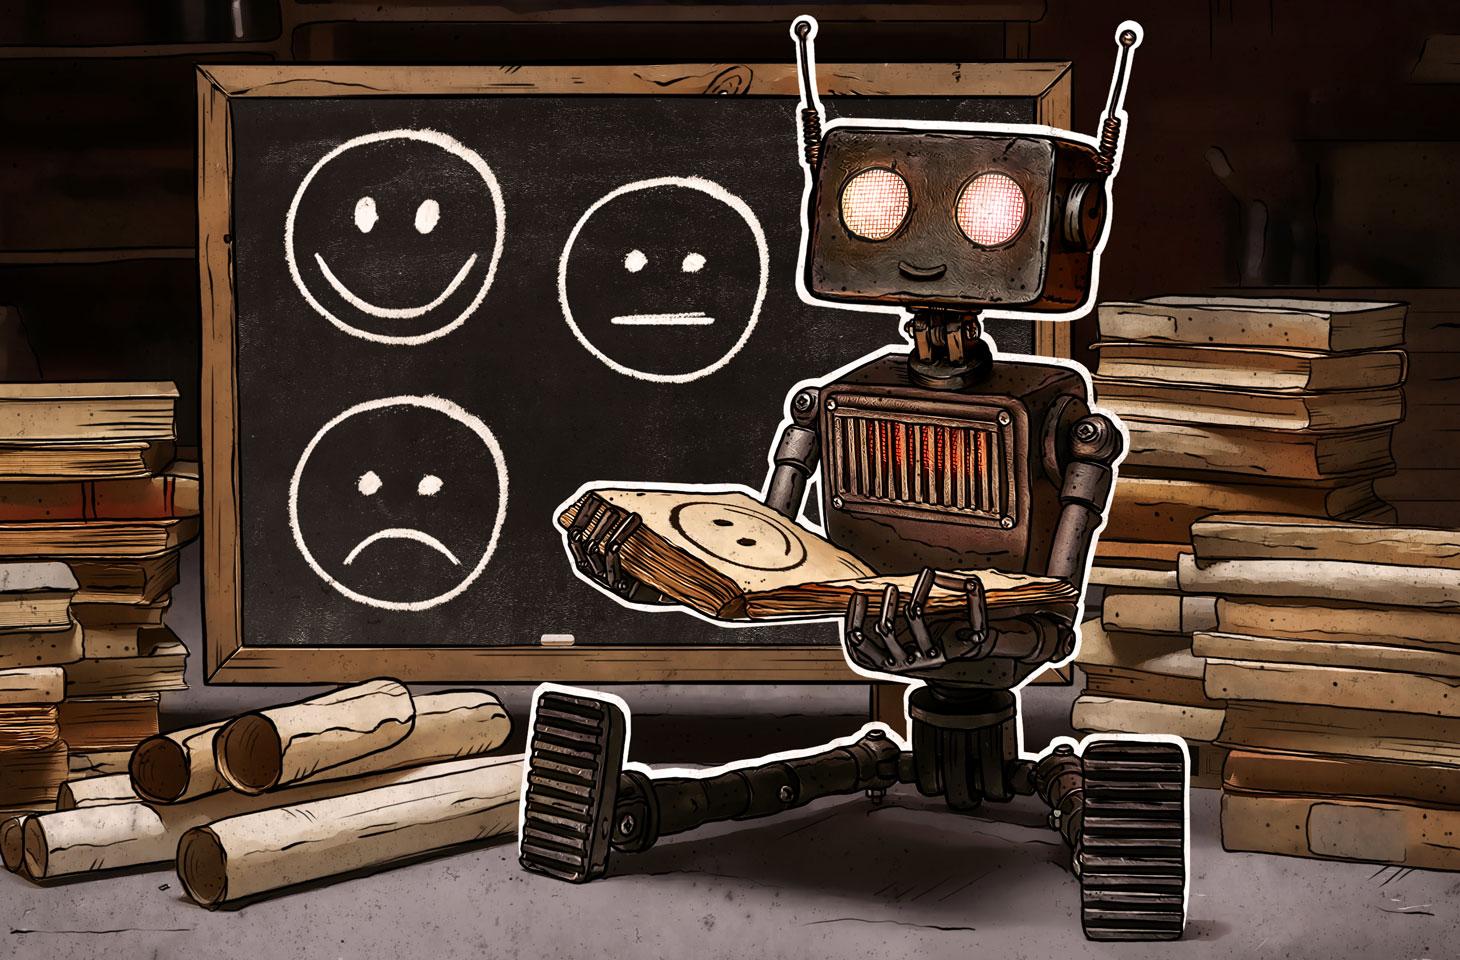 Pourquoi l'IA apprend à reconnaître les émotions